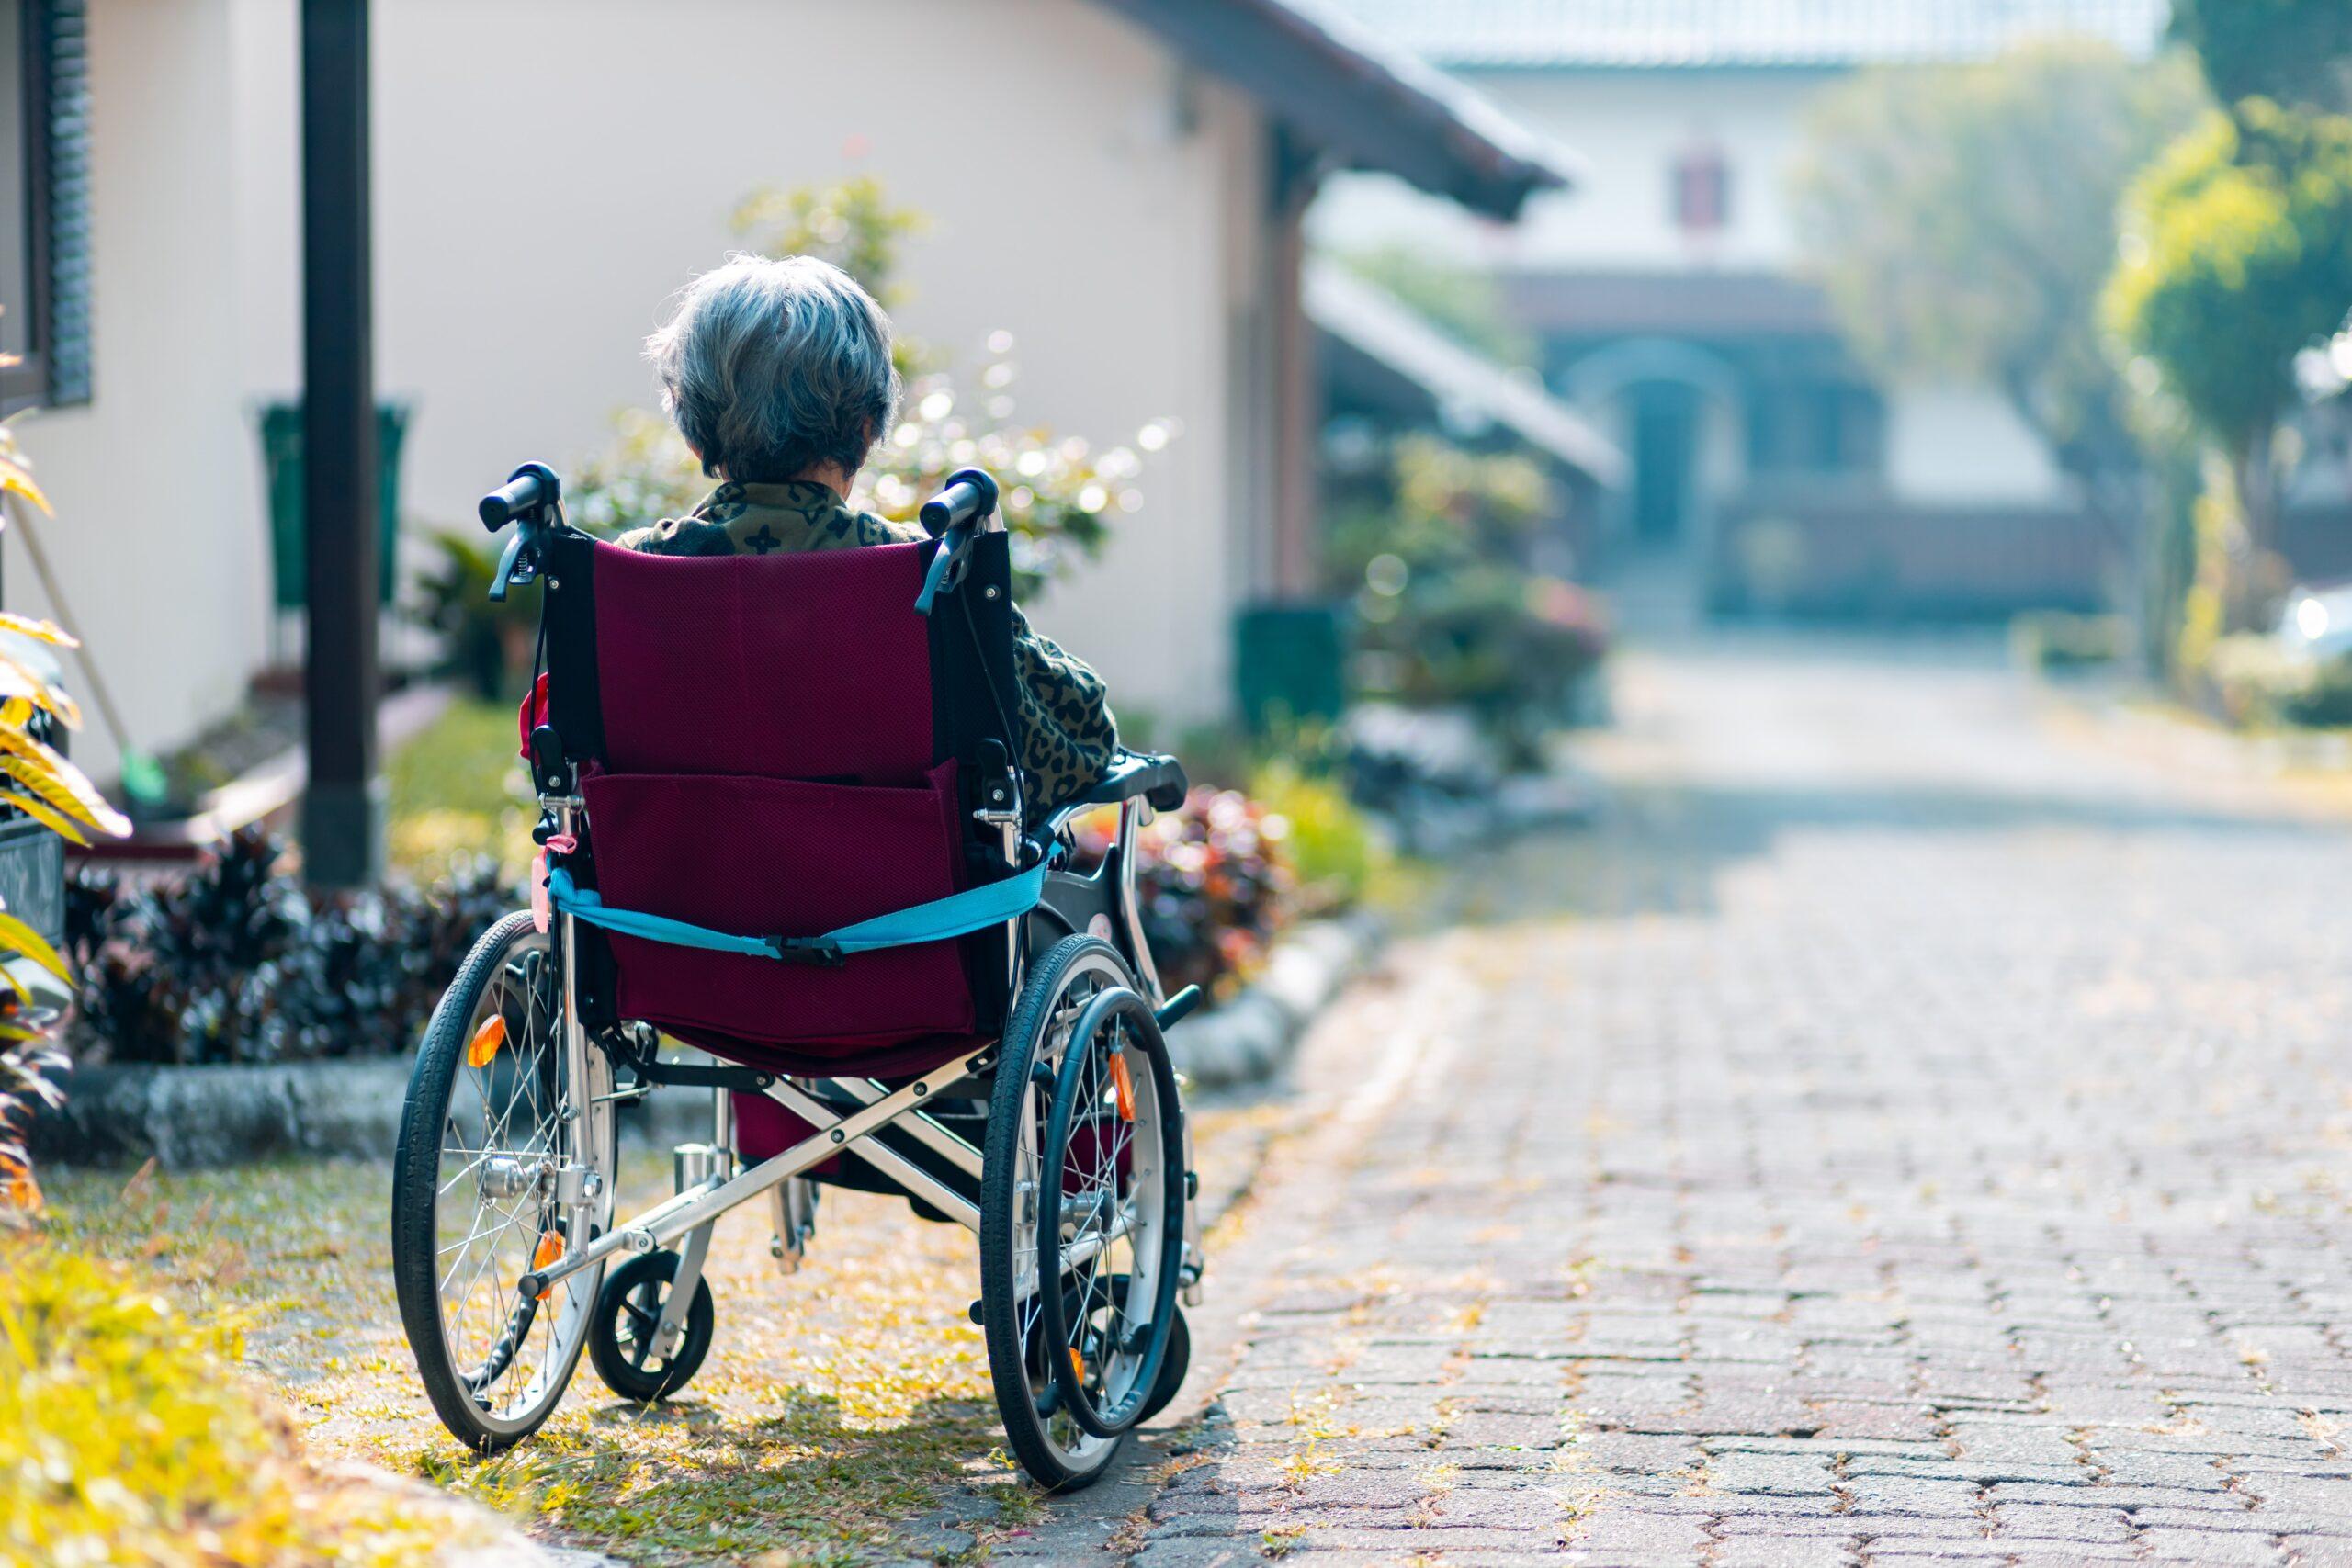 Urządzenia dla seniorów